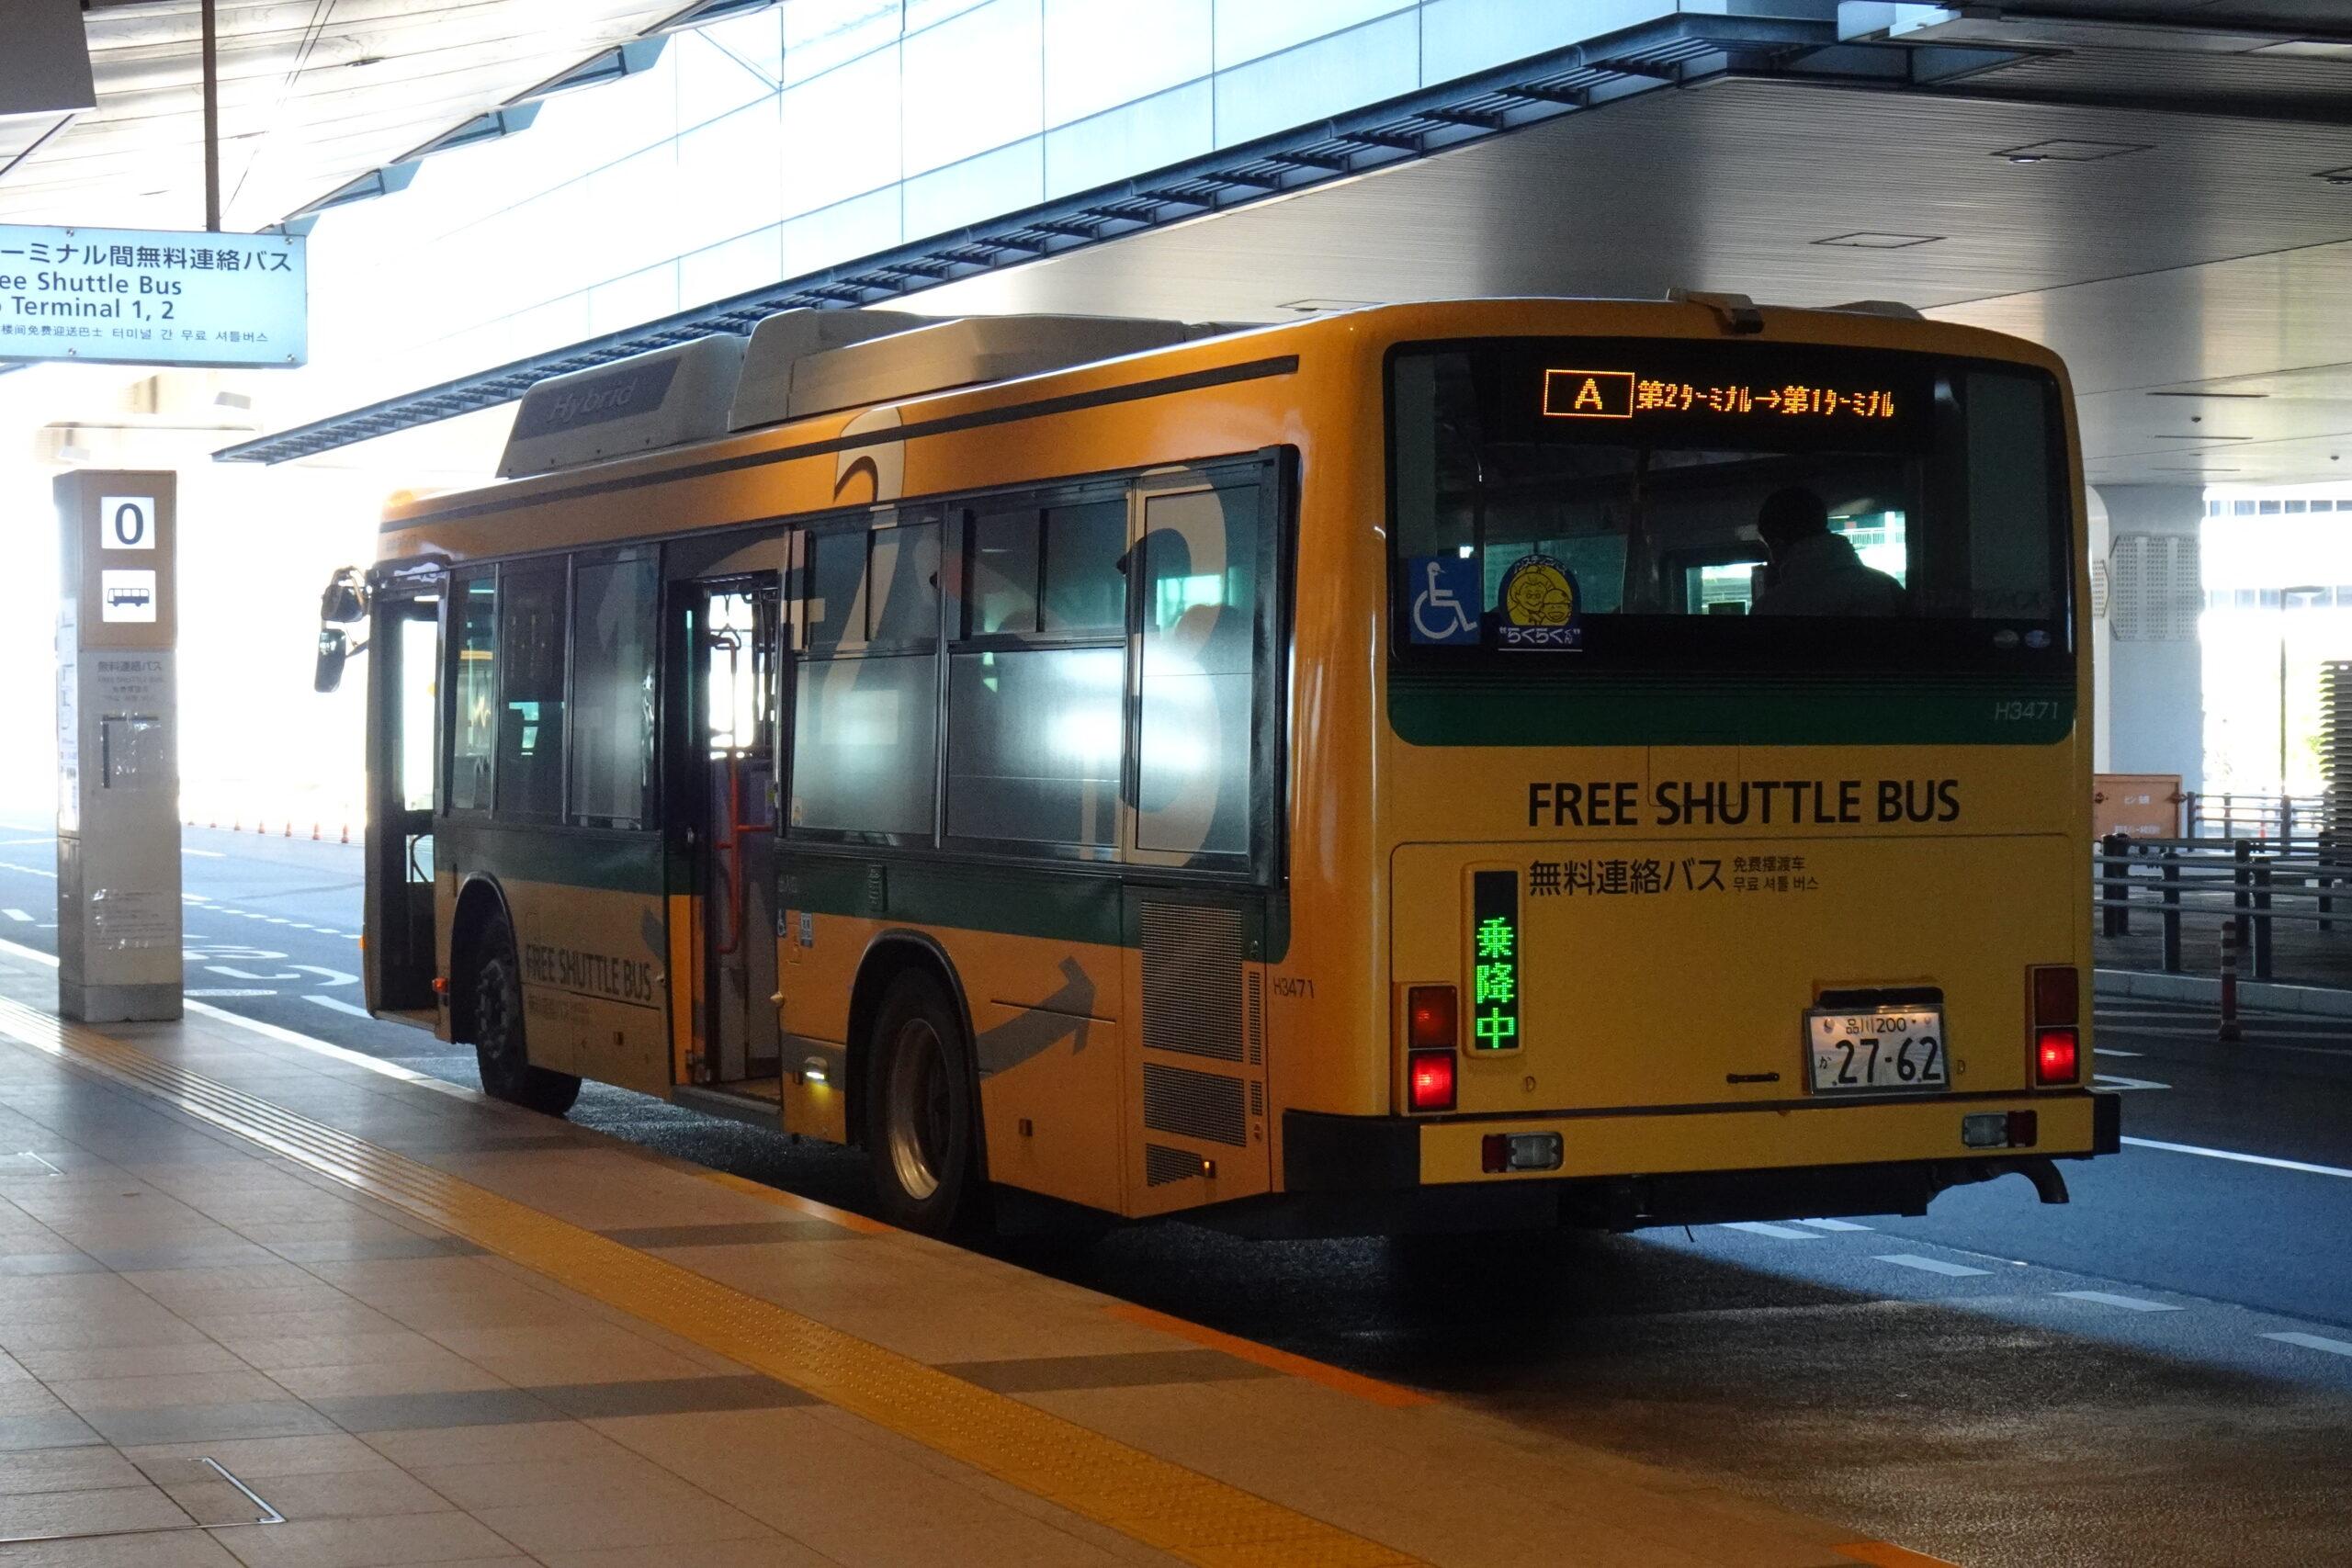 羽田空港第3ターミナル(国際線ターミナル)までの連絡バス